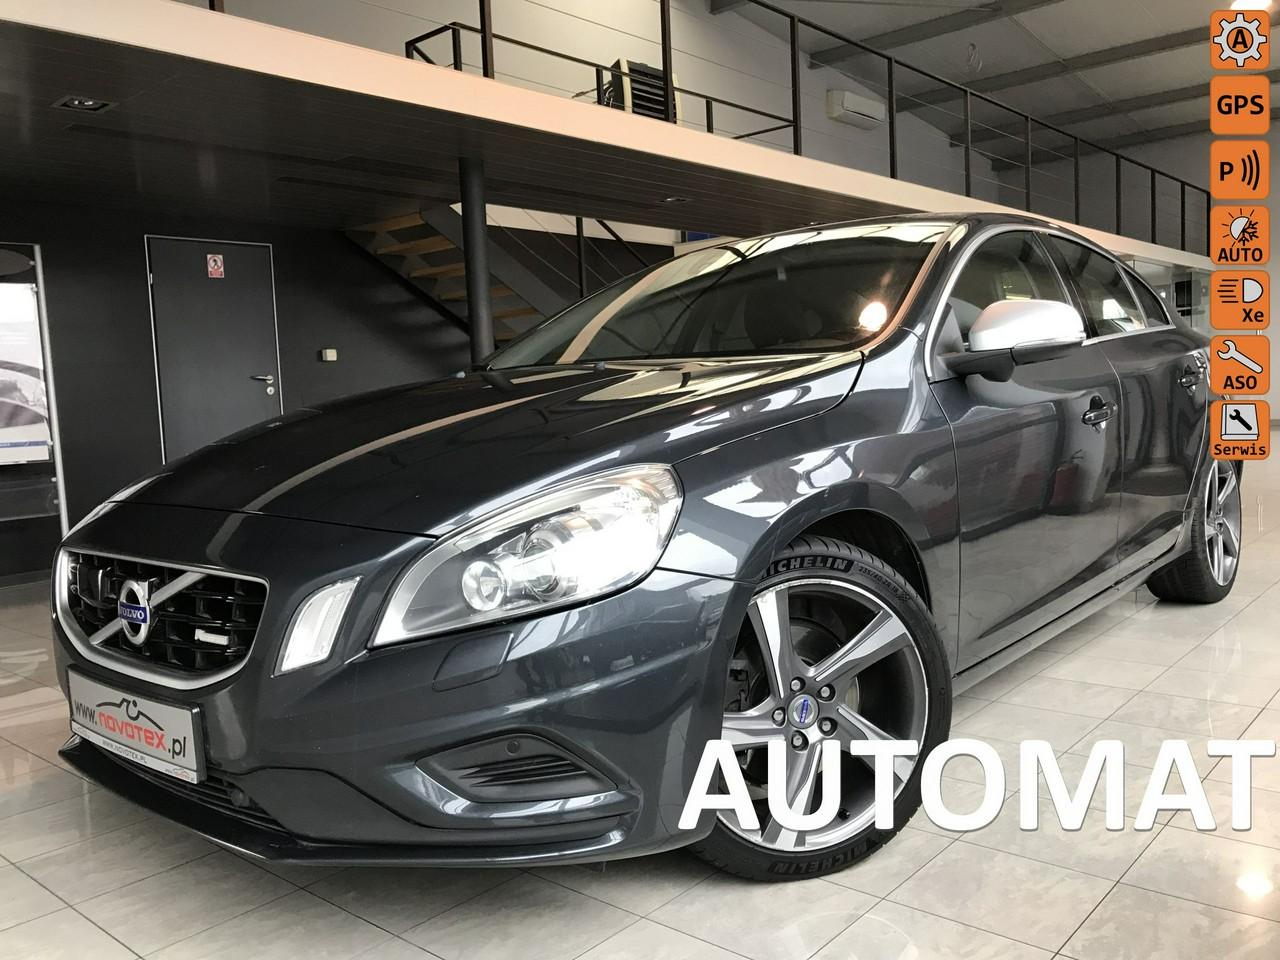 Volvo S60 D3*R-Design*automat*xenon*ACC*BLIS*skóra*ALU18*serwis w ASO*Gwarancja